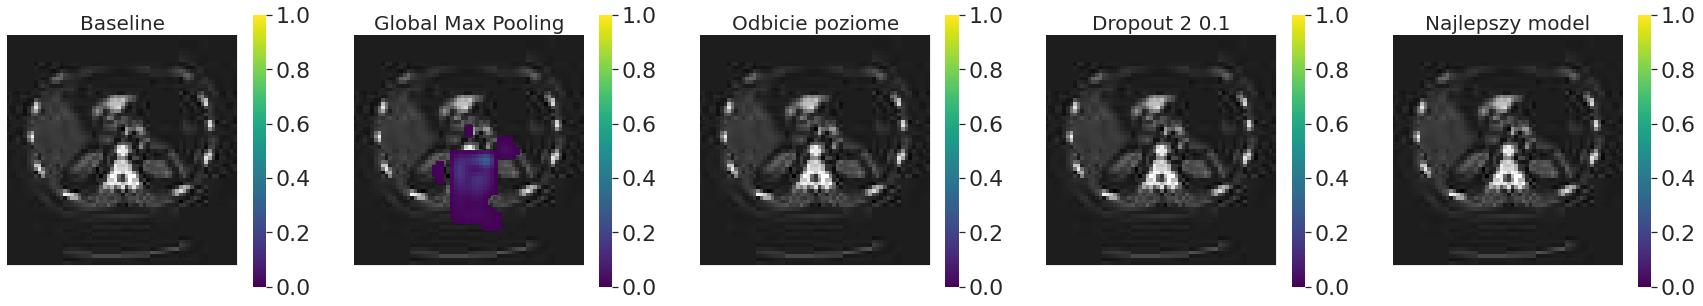 Occlusion sensitivity różnych modeli trenowanych na generatorze obrazów dla rozmiaru ramki 16 x 16 pikseli